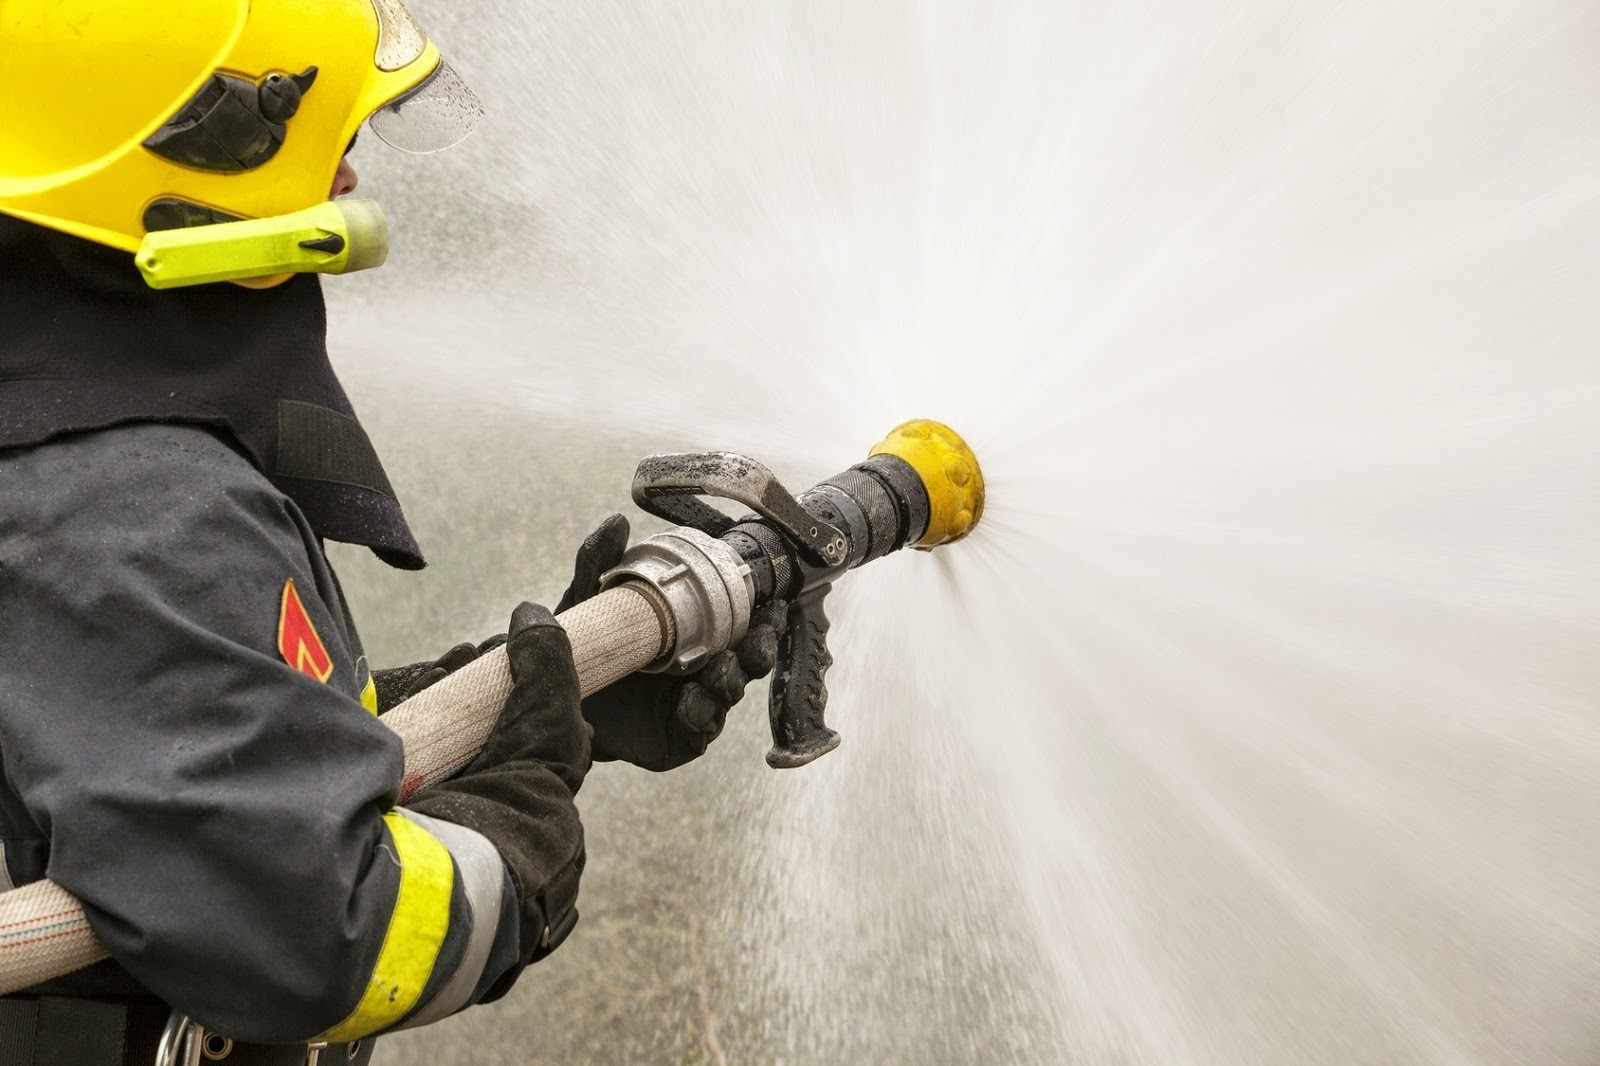 Hétfőtől háromnapos tűzvédelmi konzultációt tart a katasztrófavédelem